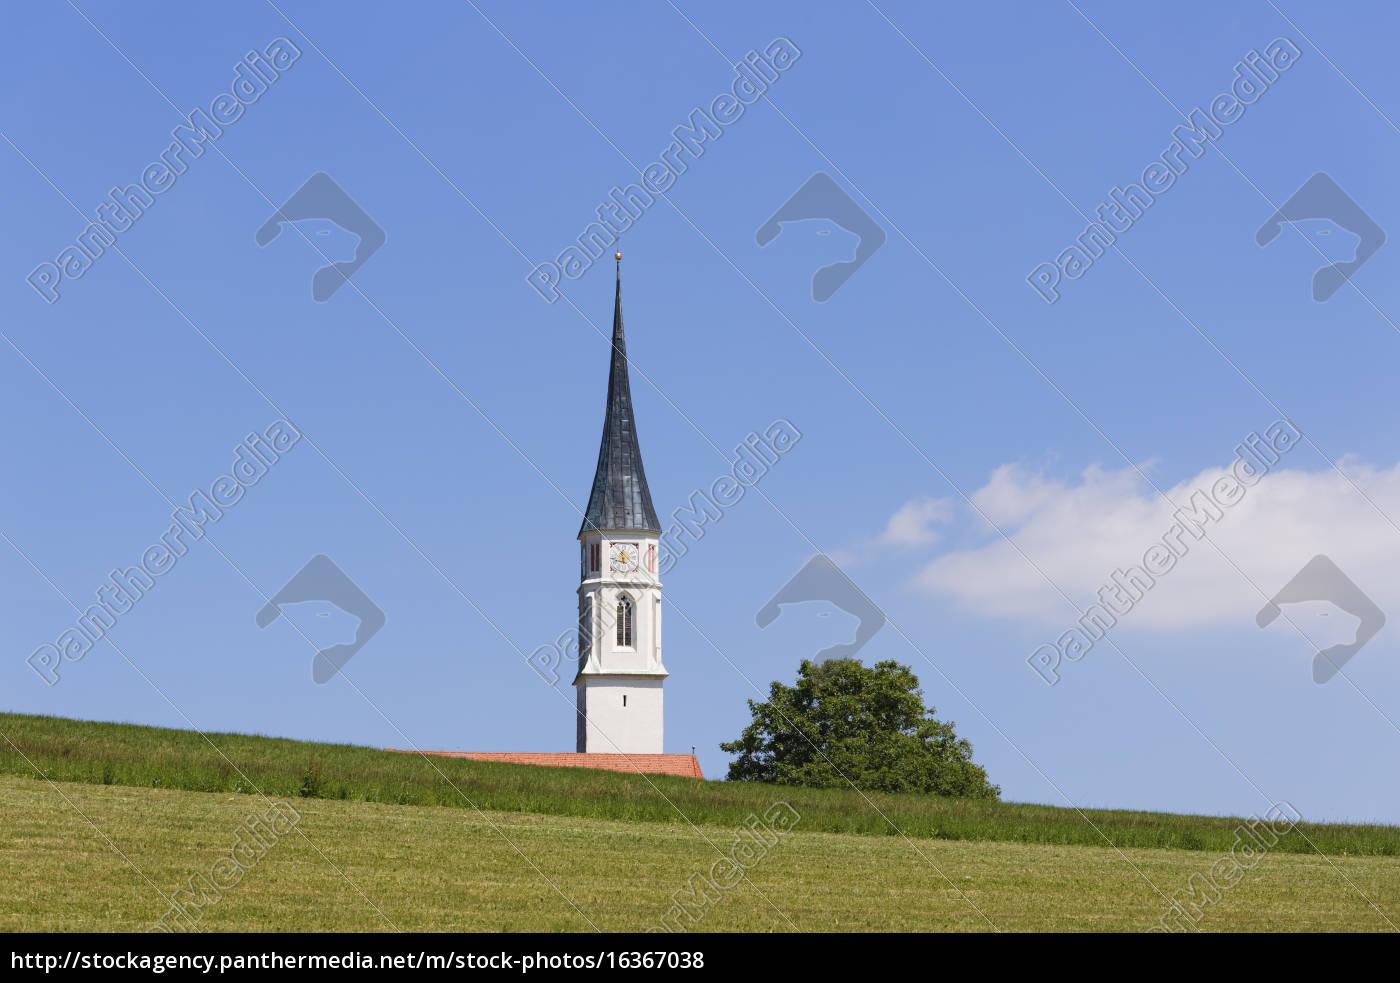 germany, , bavaria, , upper, bavaria, , soyen, , kirchreit, - 16367038